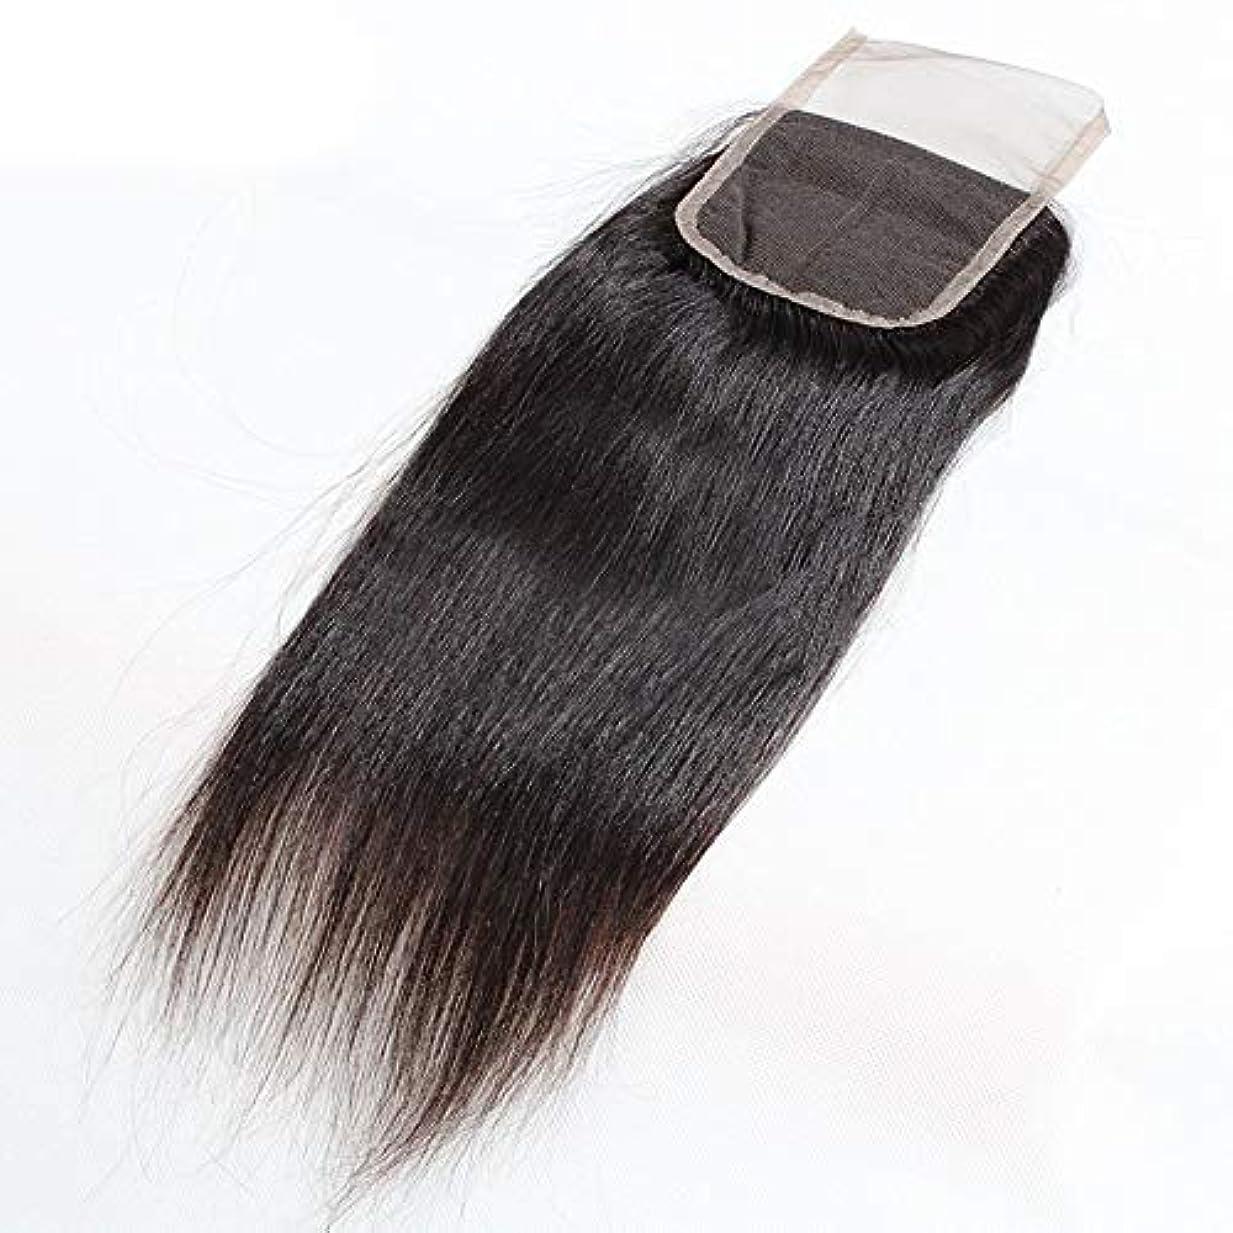 カラス行進とげWASAIO 閉鎖ボディブラジルでヒト織りストレート髪近視眼正面未精製ヴァージン (色 : 黒, サイズ : 18 inch)